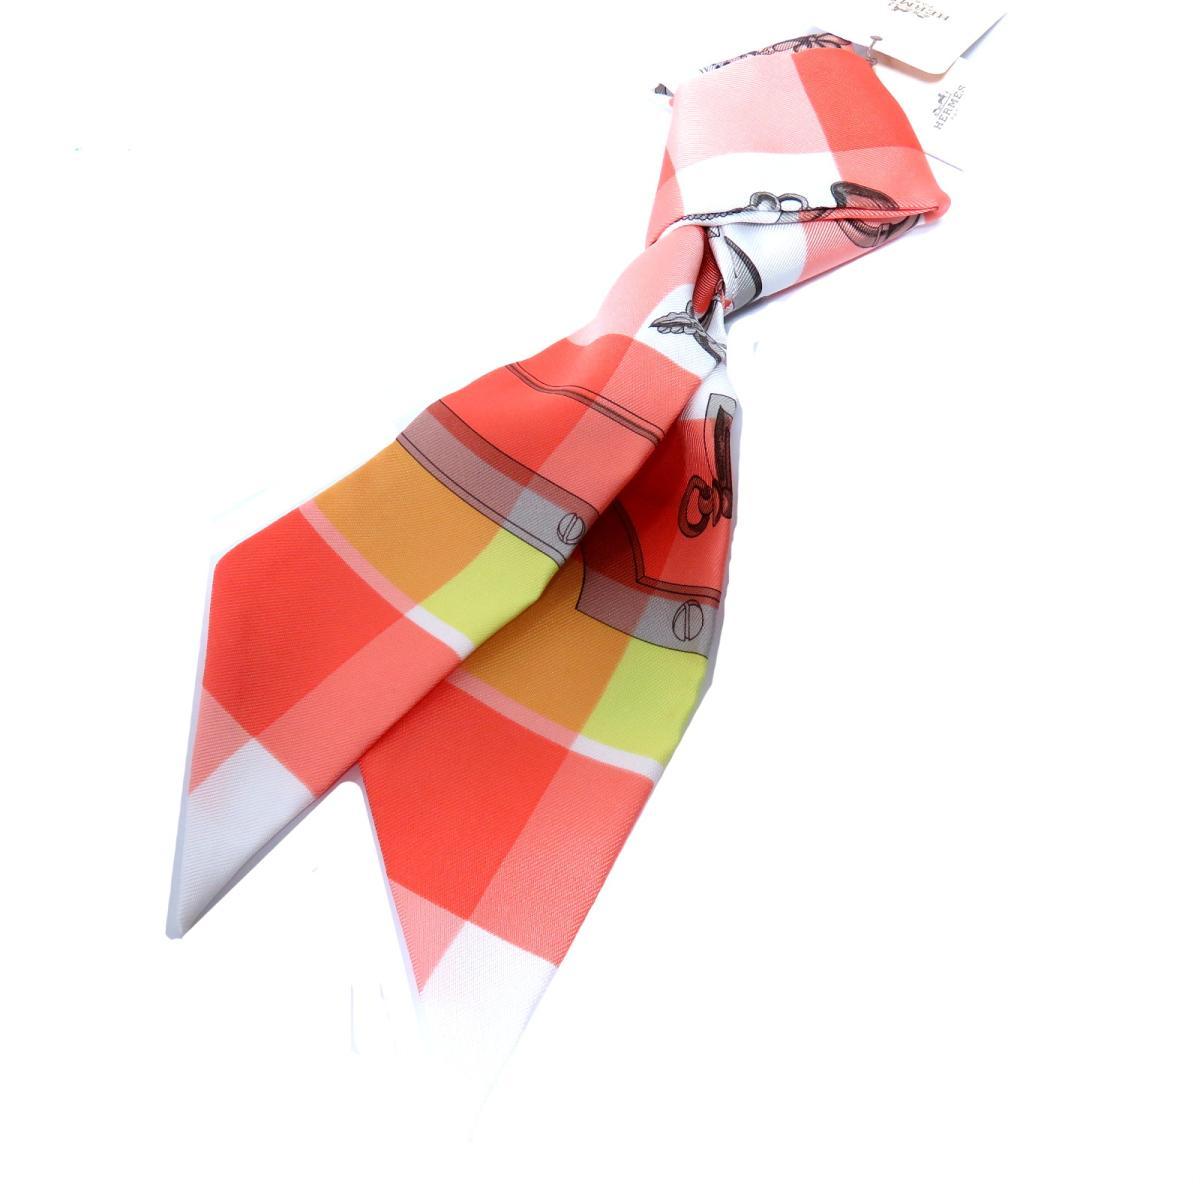 エルメス トゥイリー スカーフ 衣料品 レディース シルク SAUMON/CITRON | HERMES BRANDOFF ブランドオフ ブランド